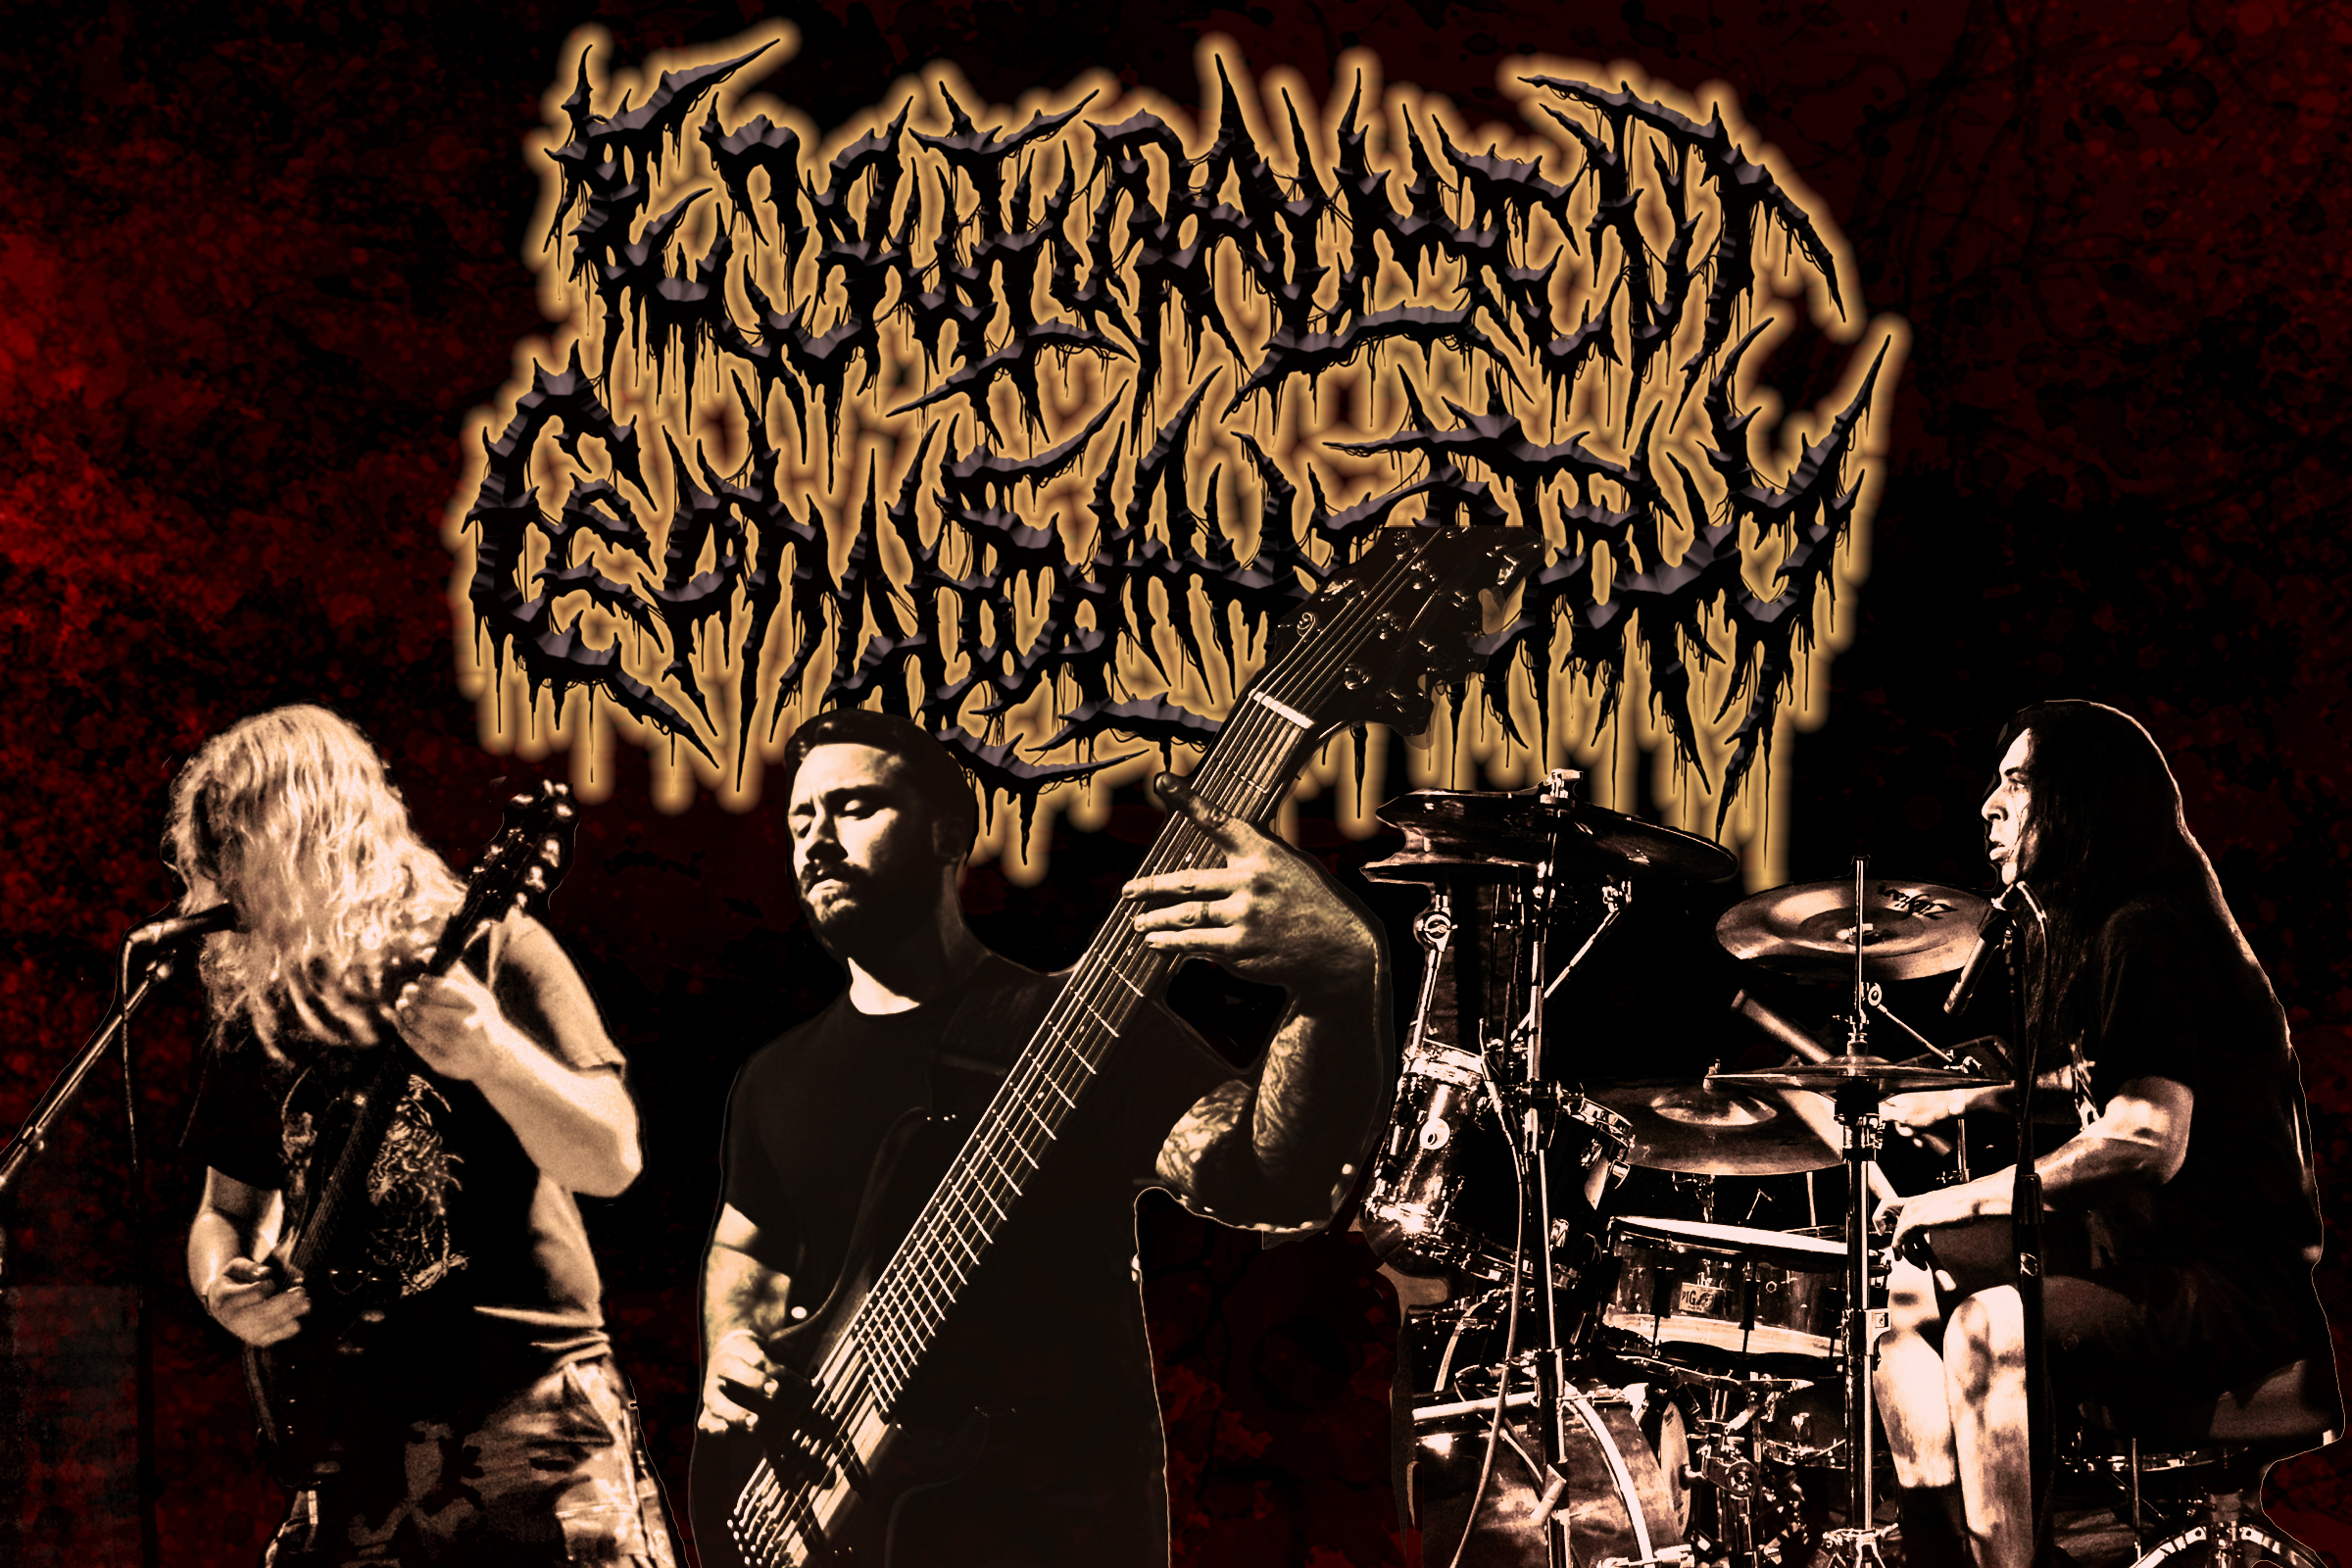 Engutturalment_band